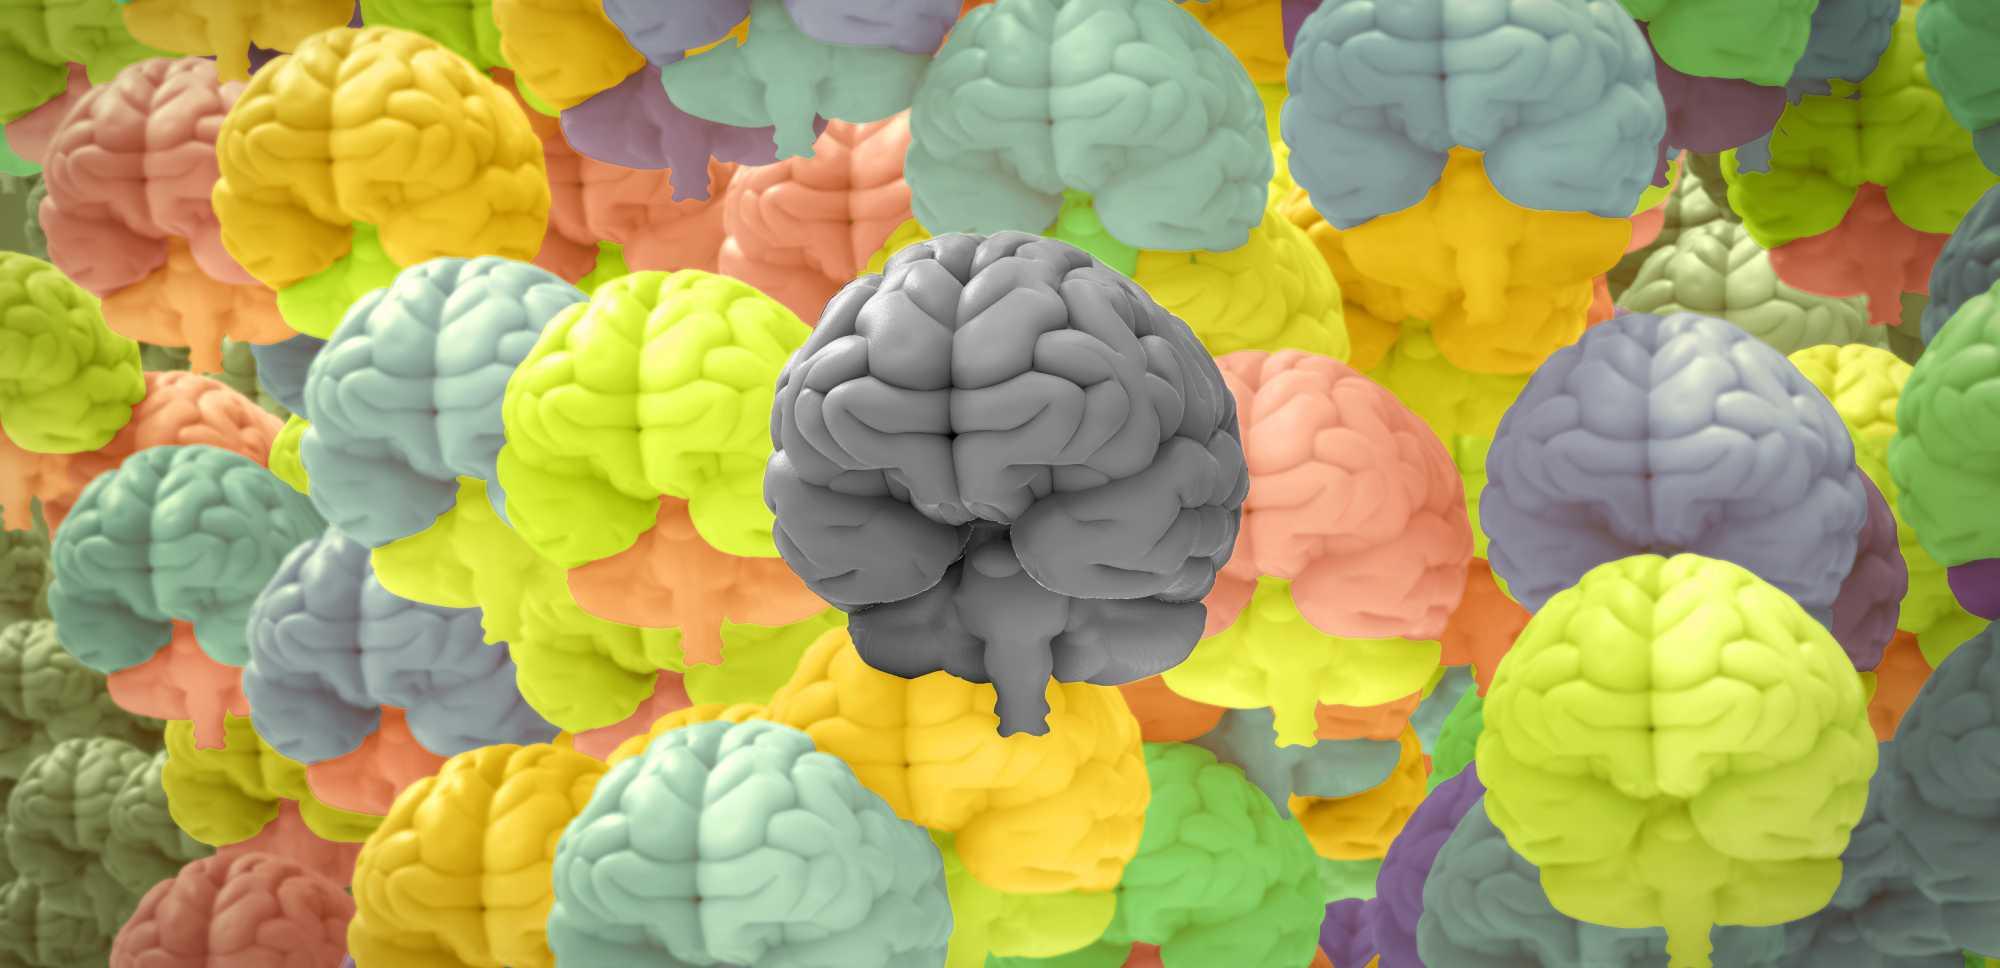 Inteligencias múltiples en el trabajo